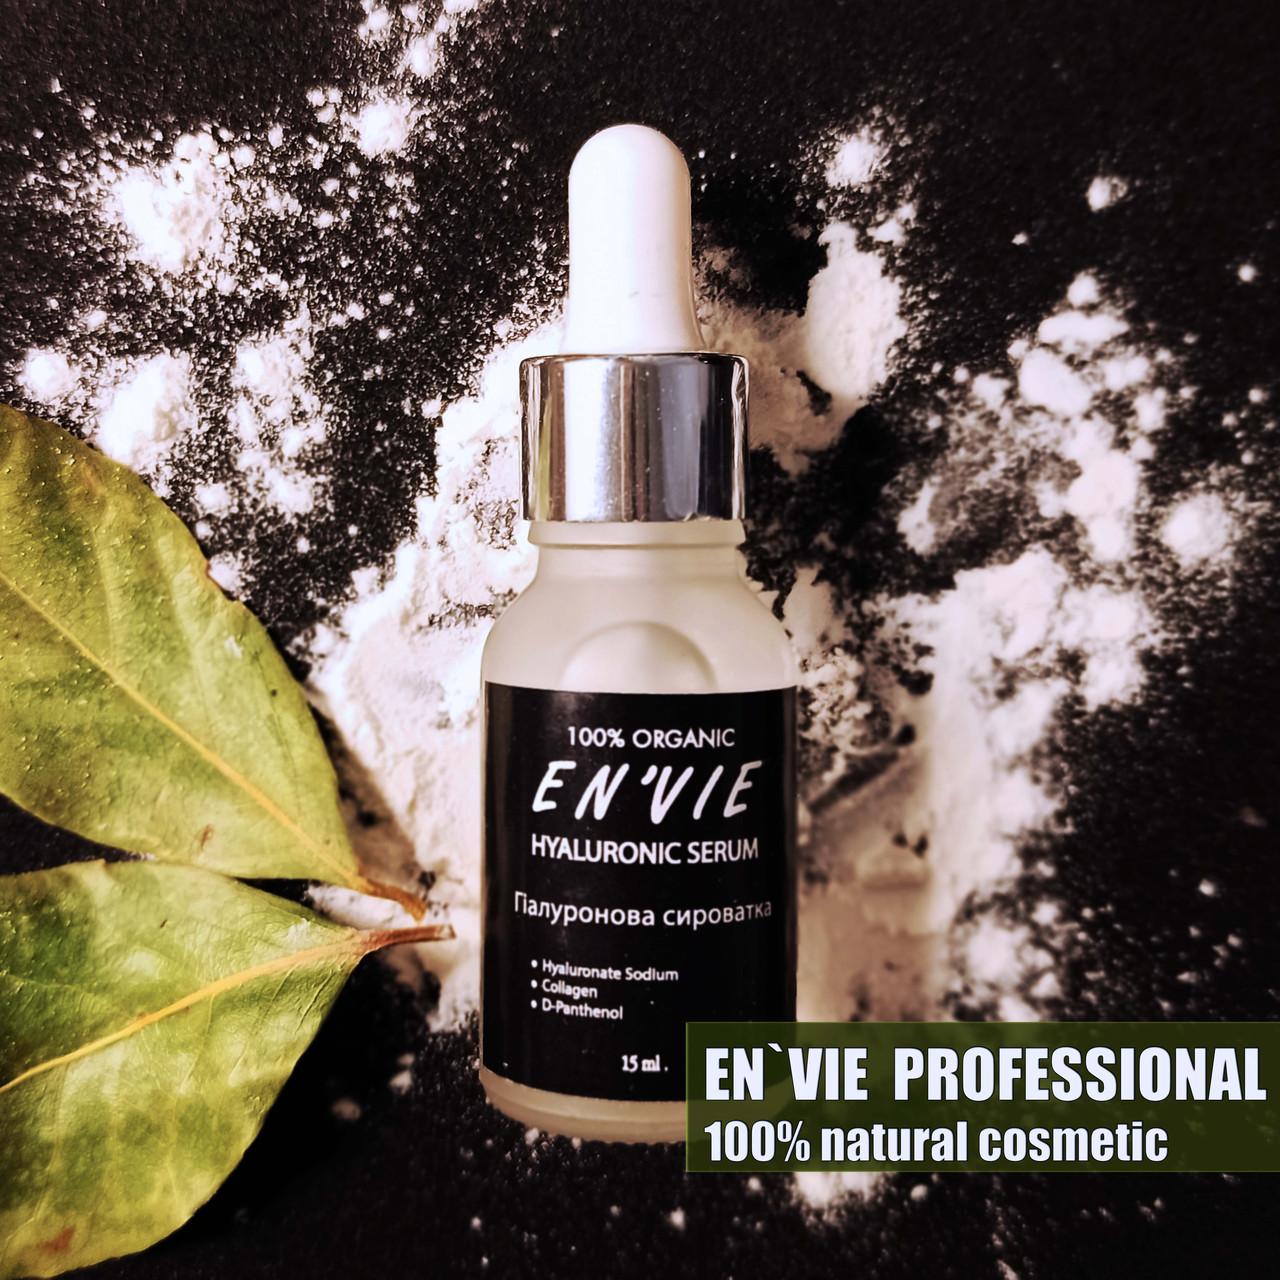 Інтенсивна сироватка з гіалуроновою кислотою 15 мл Envie Cosmetic